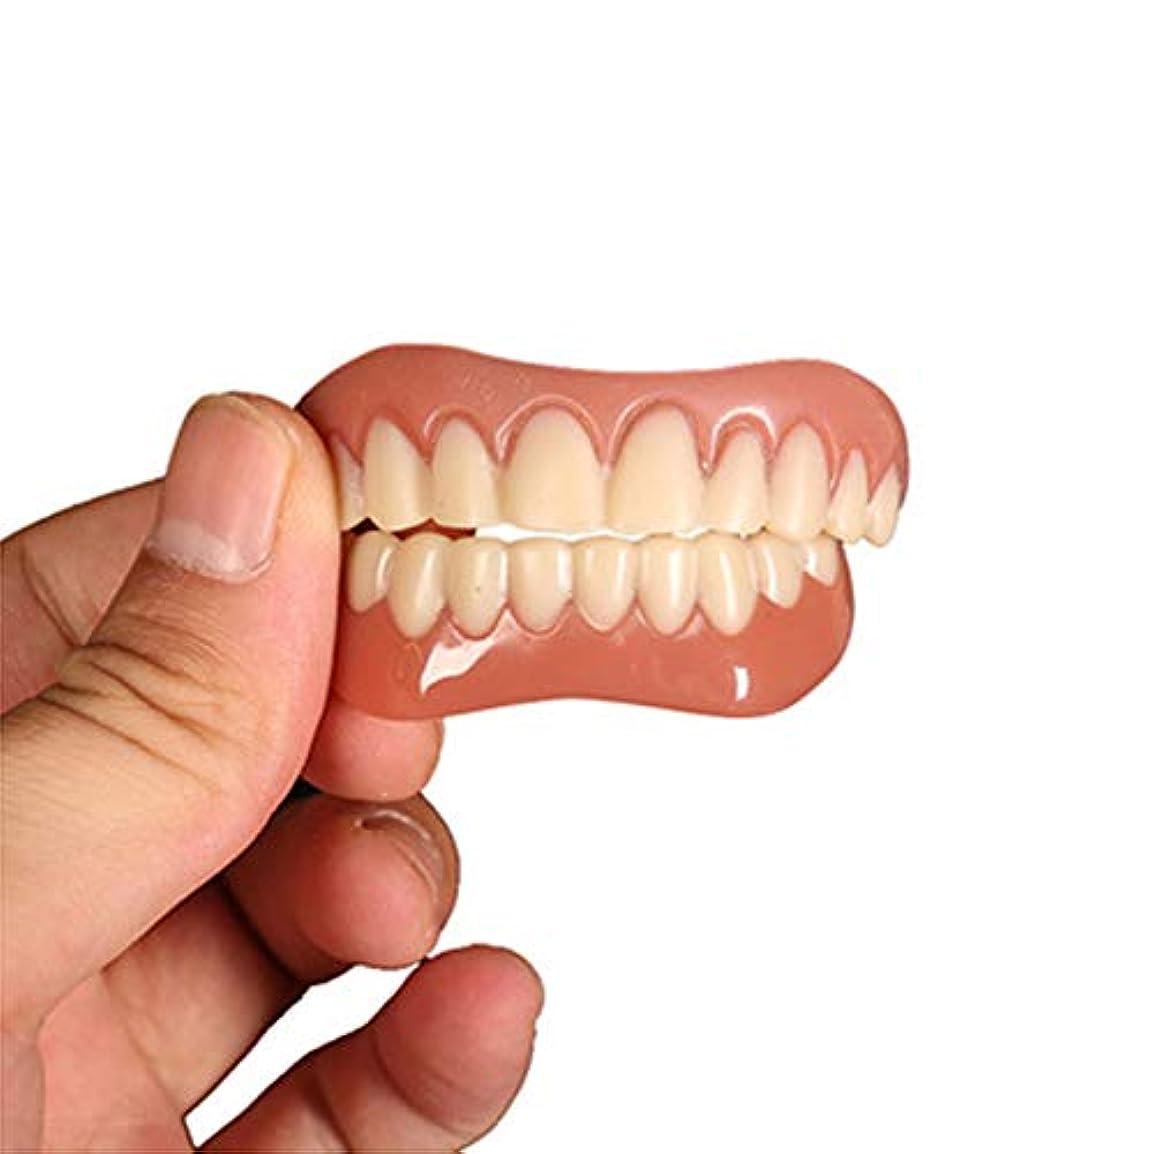 表向きラックメイト6セット、化粧品の歯、白い歯をきれいにするための快適さにフィットするフレックス歯のソケット、化粧品の歯義歯の歯のトップ化粧品、